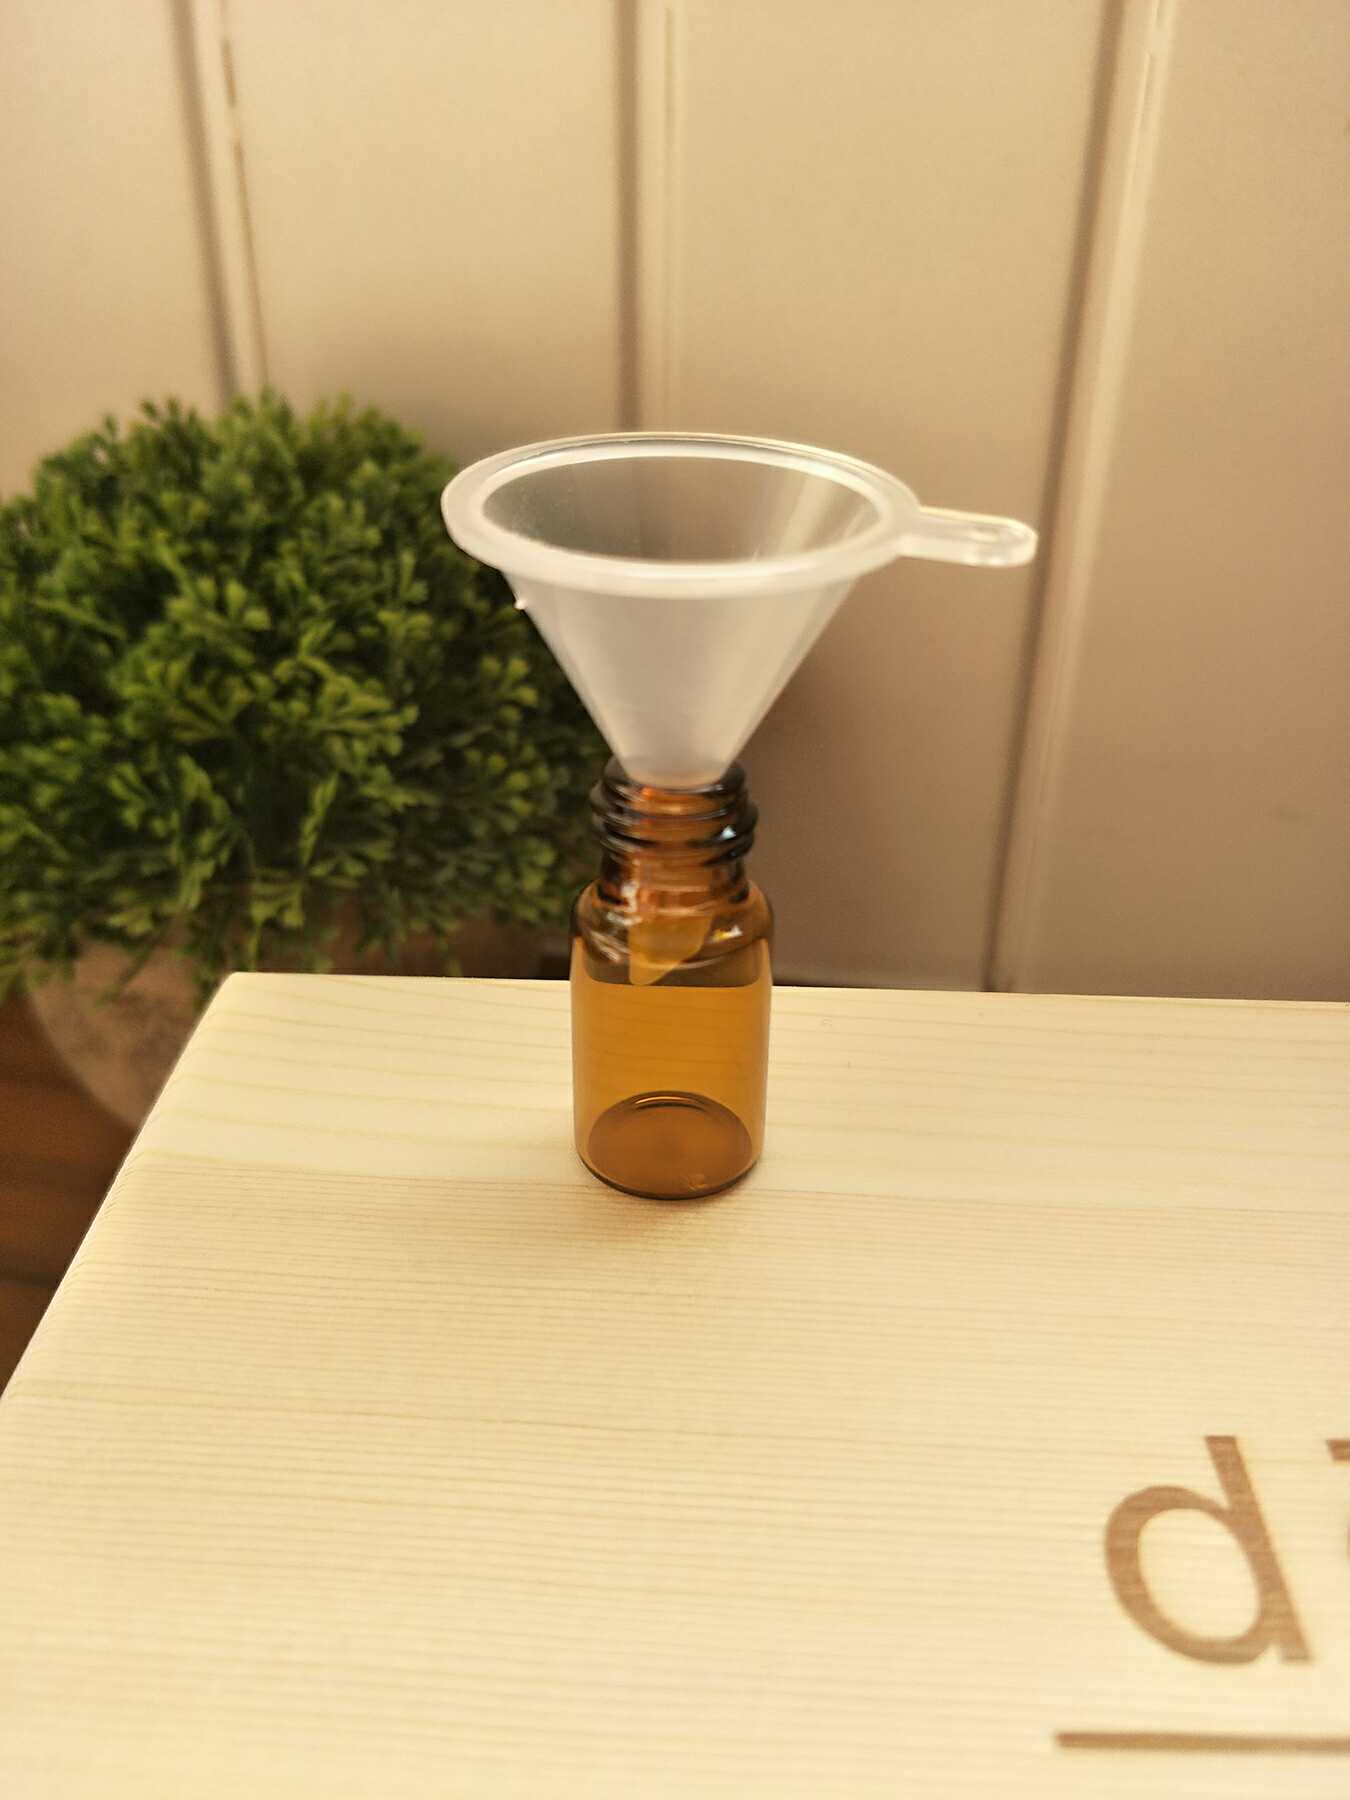 Dotray Essential Oil Малая воронка Отдельный ароматизатор для жидкого эфира для парфюмерии